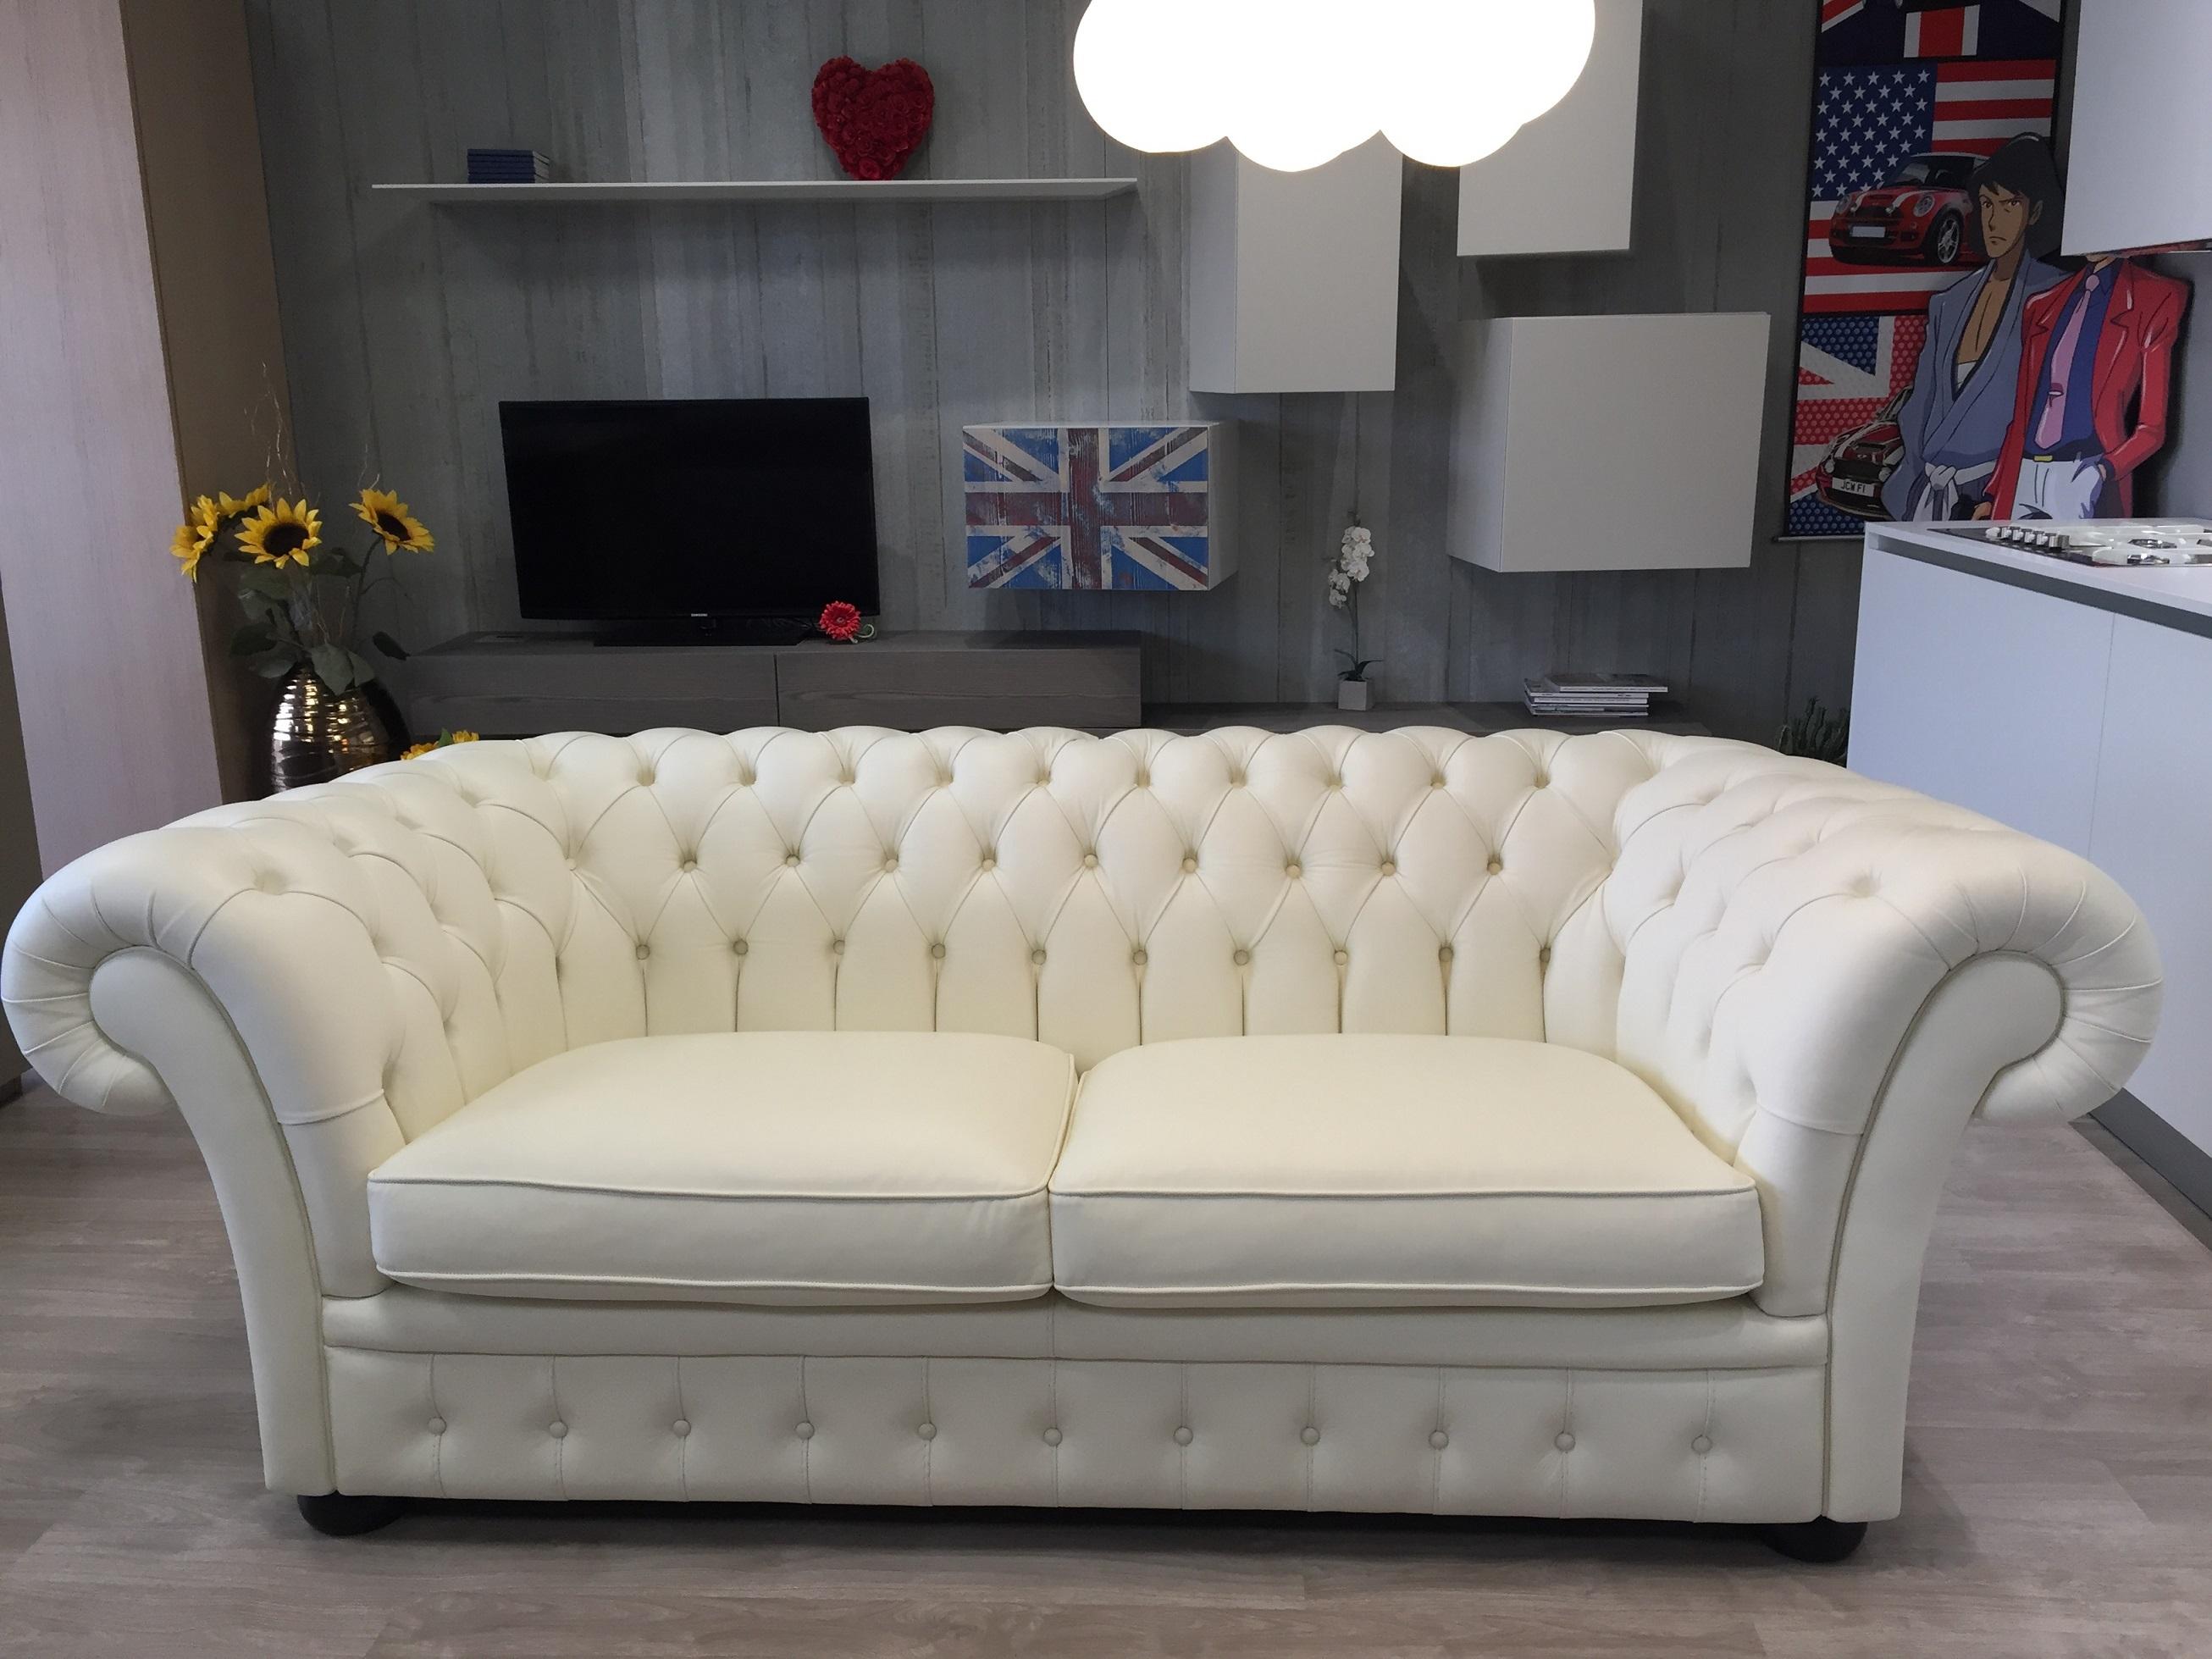 Divano chesterfield bianco idee per il design della casa for Divano letto bianco